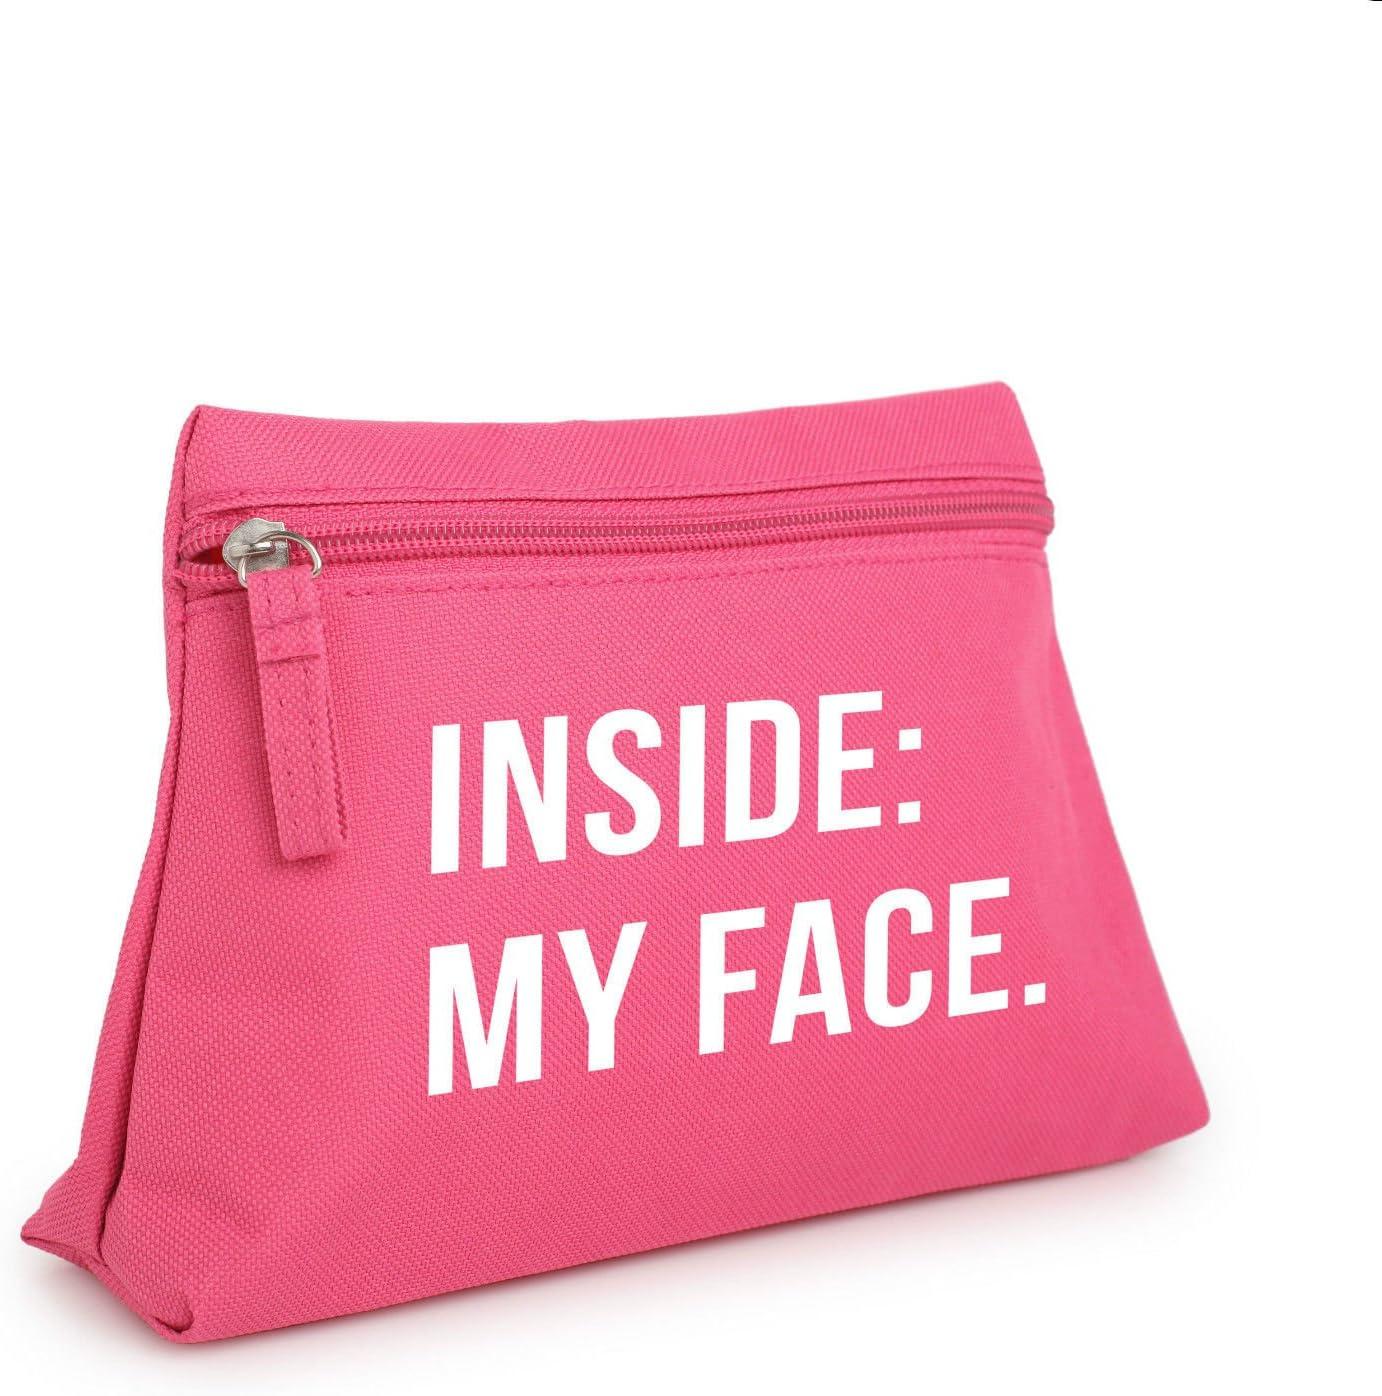 Dentro de Mi Cara Maquillaje bolsa neceser estuche organizador Monedero Tumblr carcasa: Amazon.es: Hogar